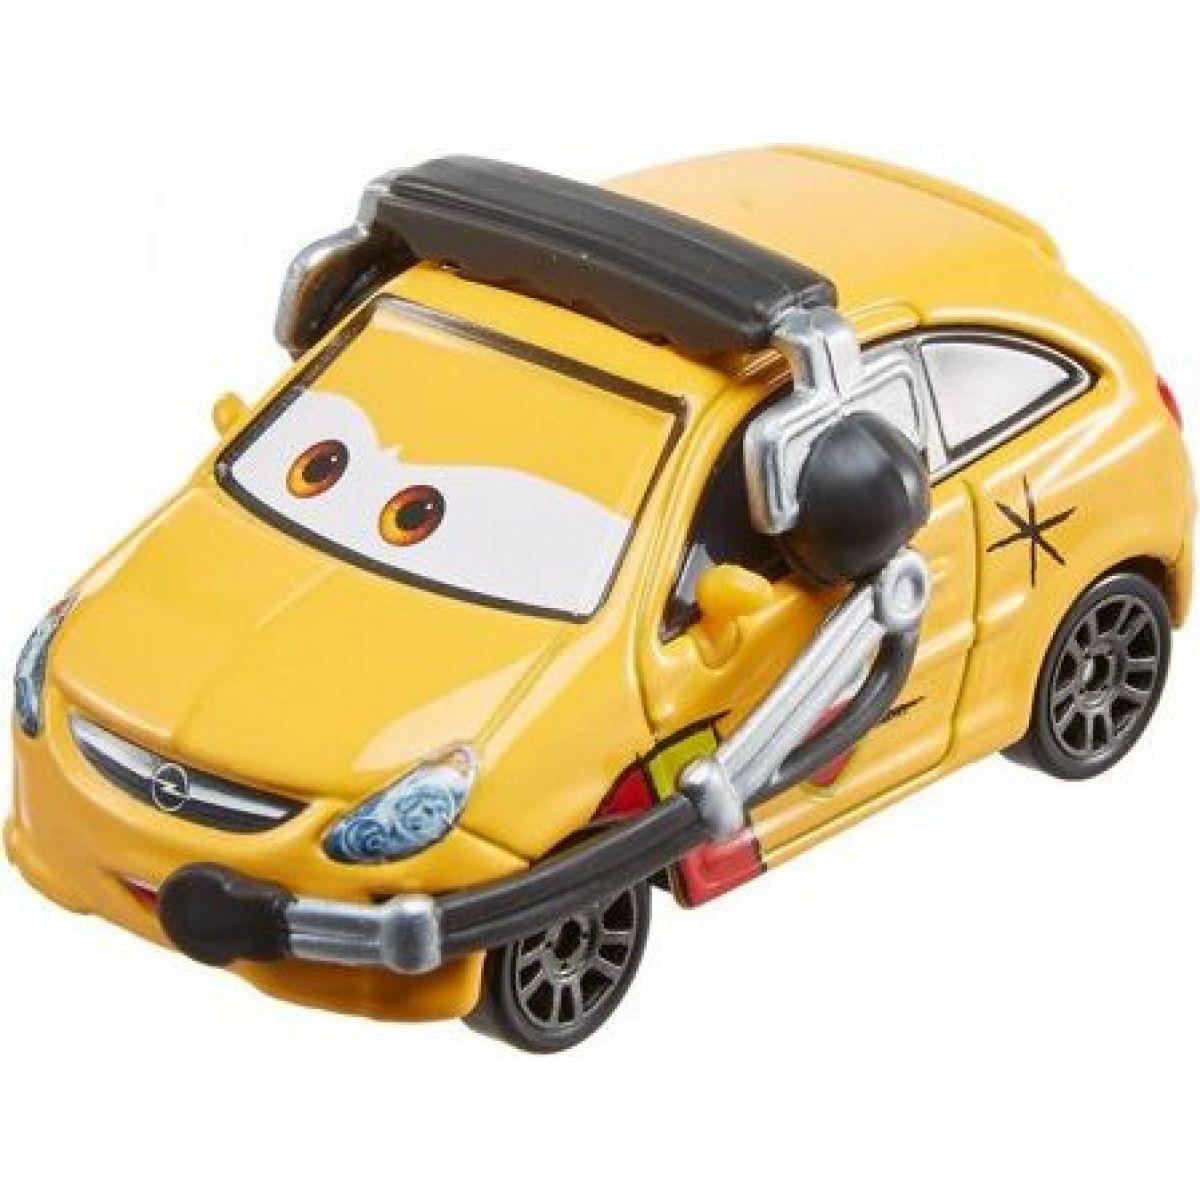 Mattel Cars 3 Auta Petro Cartalina